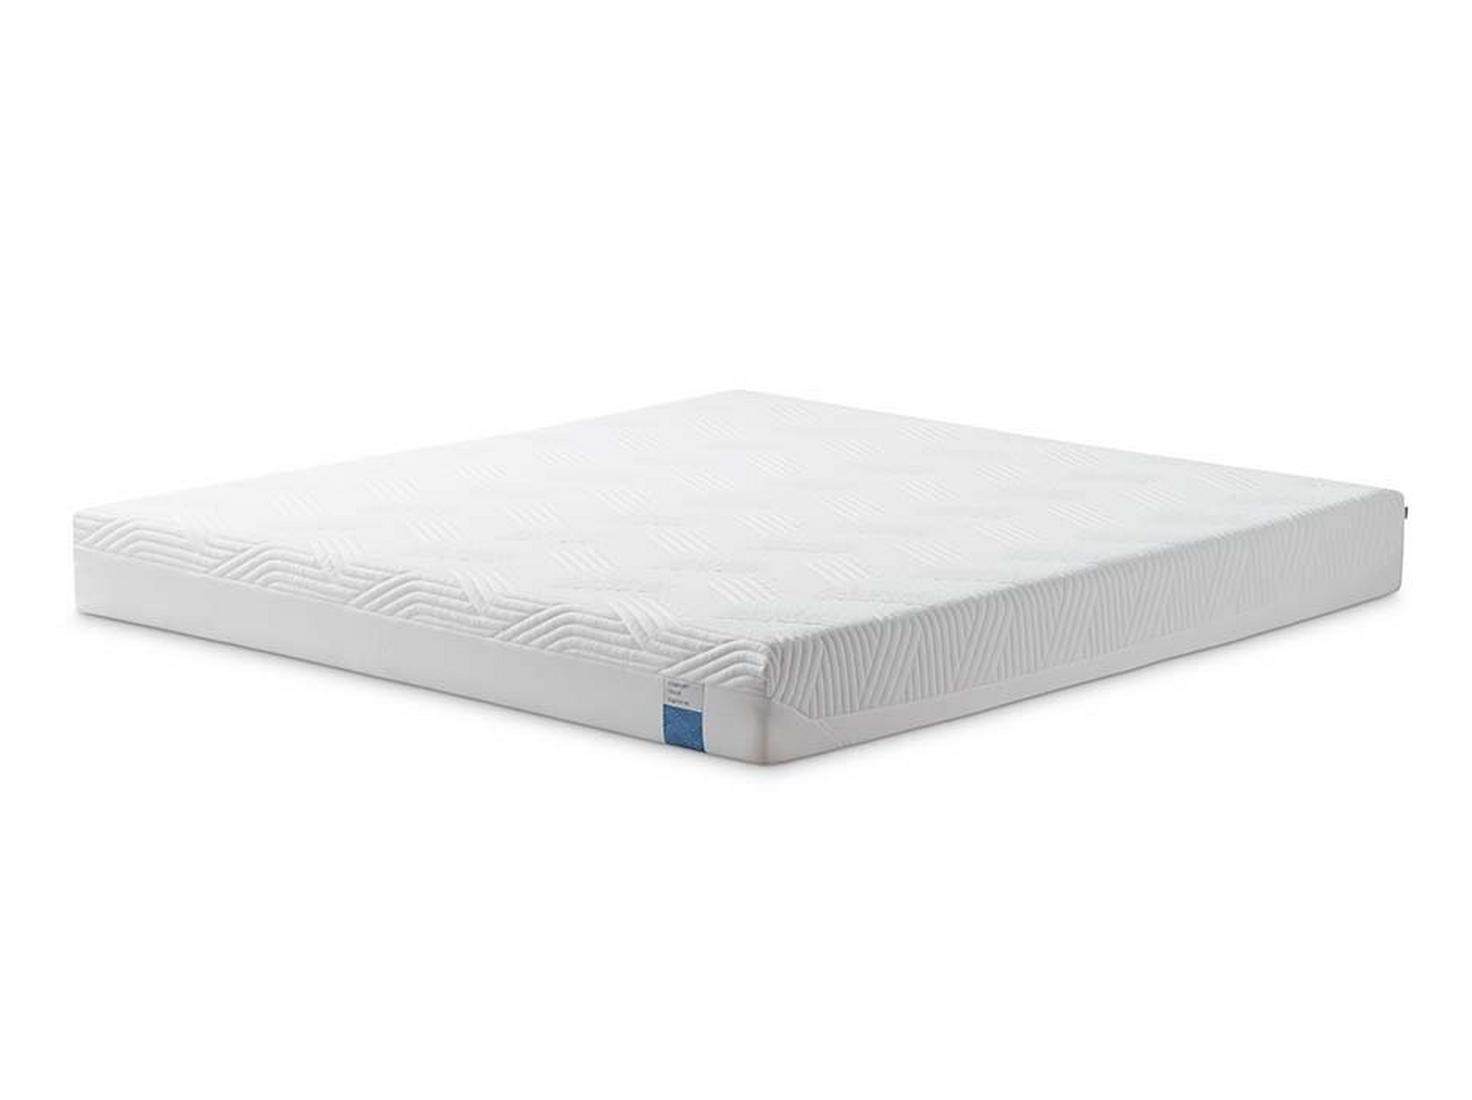 どのような寝姿勢にもぴったりと沿い 格安 快適な眠りをお届けします 送料無料 テンピュール マットレス クラウドスプリーム21 tempur Cloud 寝具 スプリーム21 クイーンサイズ クラウド Supreme21 業界No.1 代引対象外